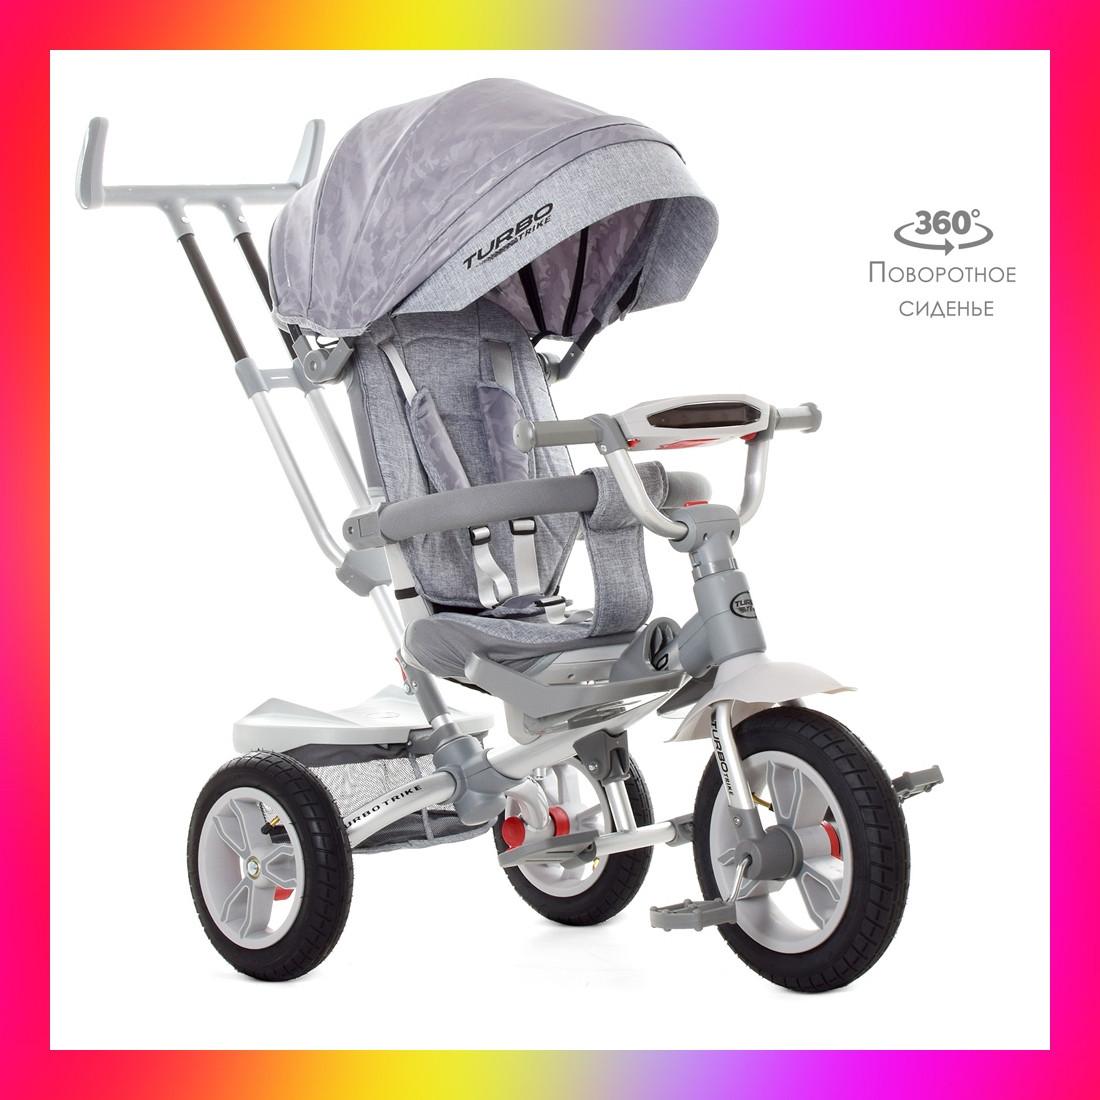 Дитячий триколісний велосипед коляска з фарою і поворотним сидінням Turbotrike 4058 фуксія, фіолетовий